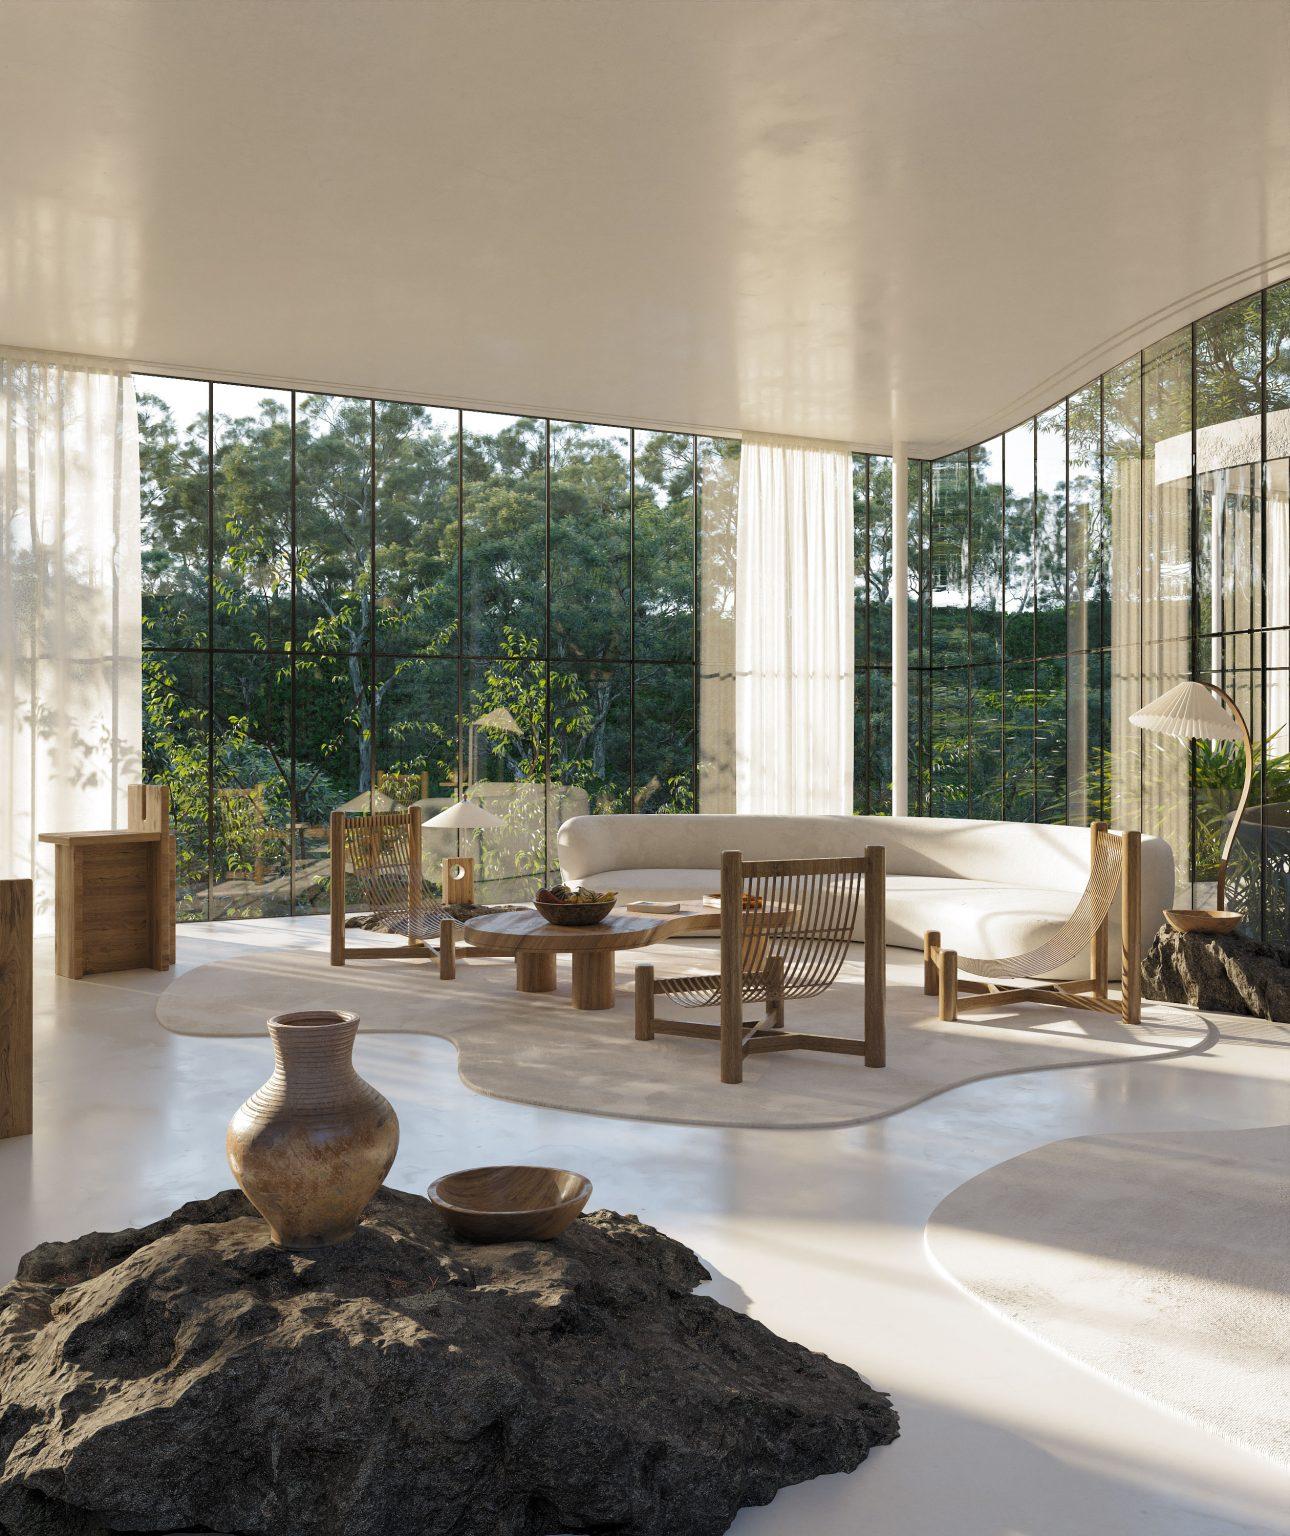 Casa Atibaia: una casa en la selva que integra la naturaleza en su diseño brutal